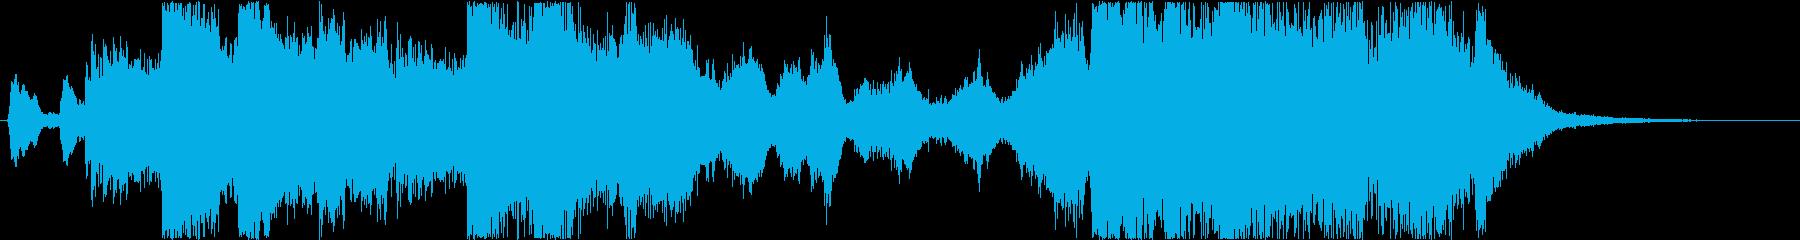 03 やや長めのファンファーレ 金管の再生済みの波形